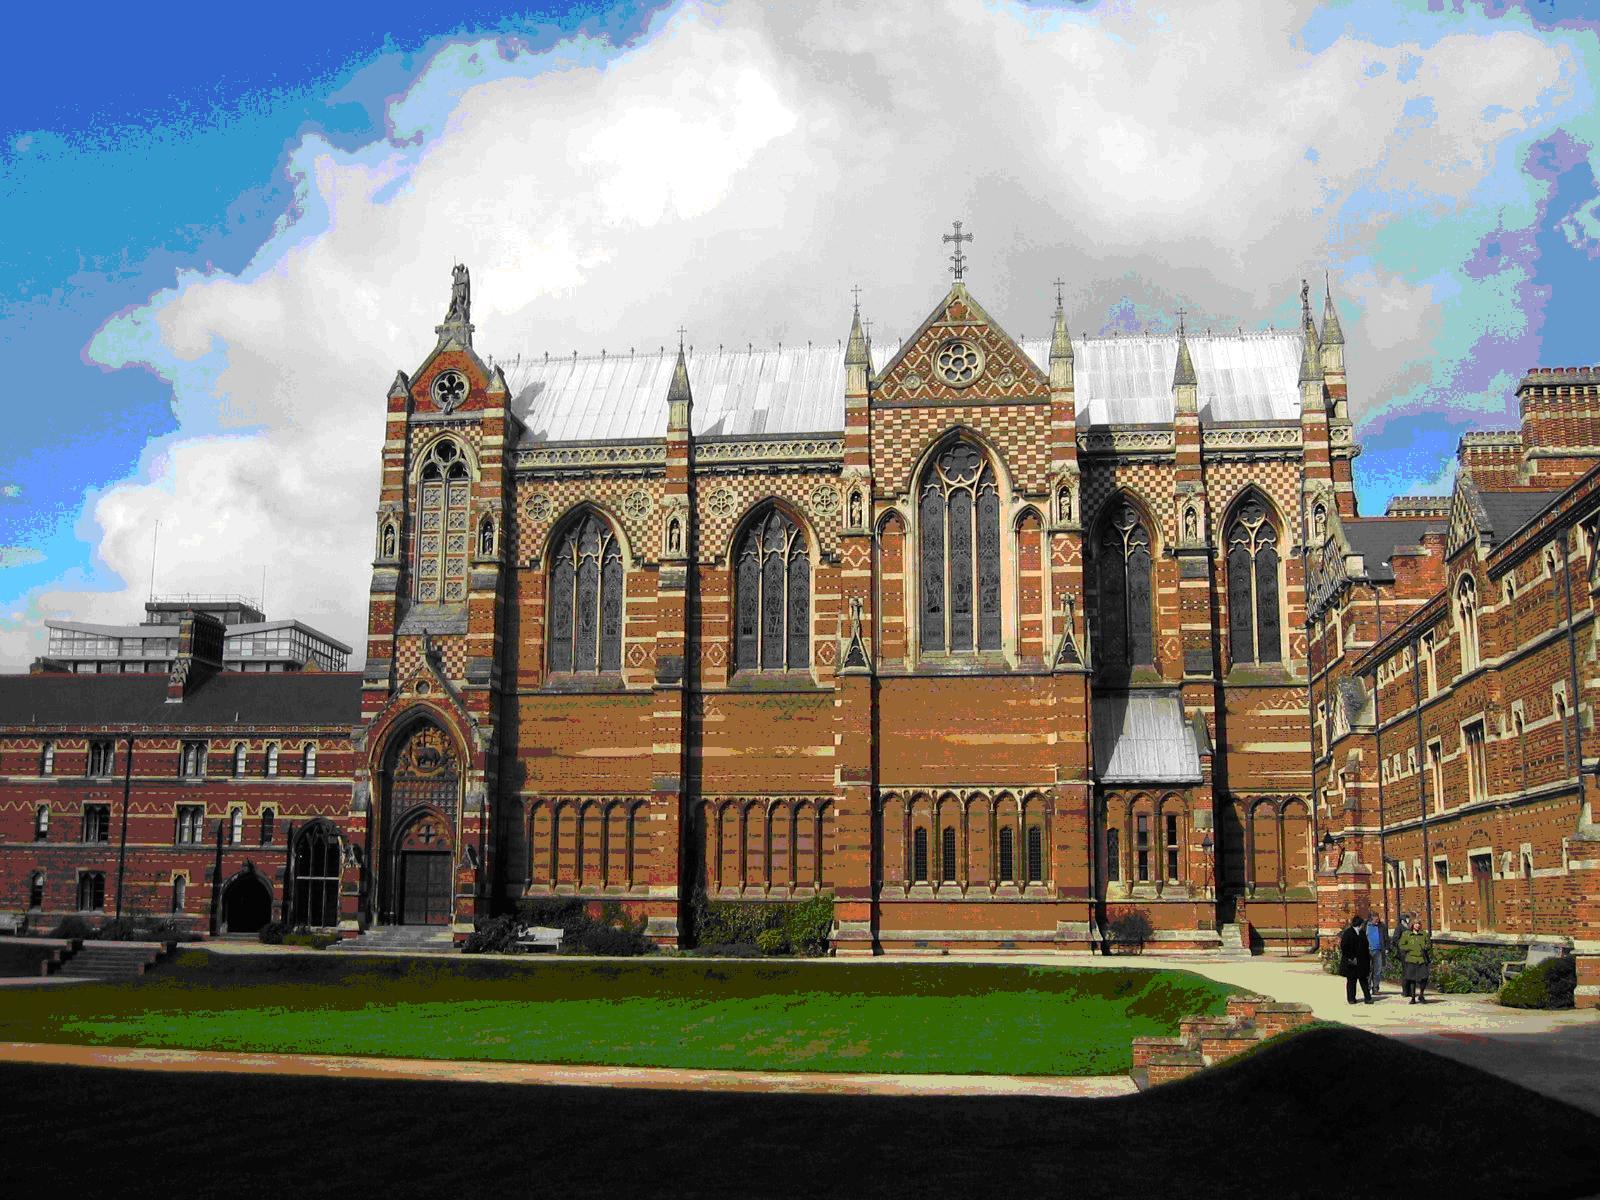 牛津大学教授计划推出全球首个基于区块链的分权化大学